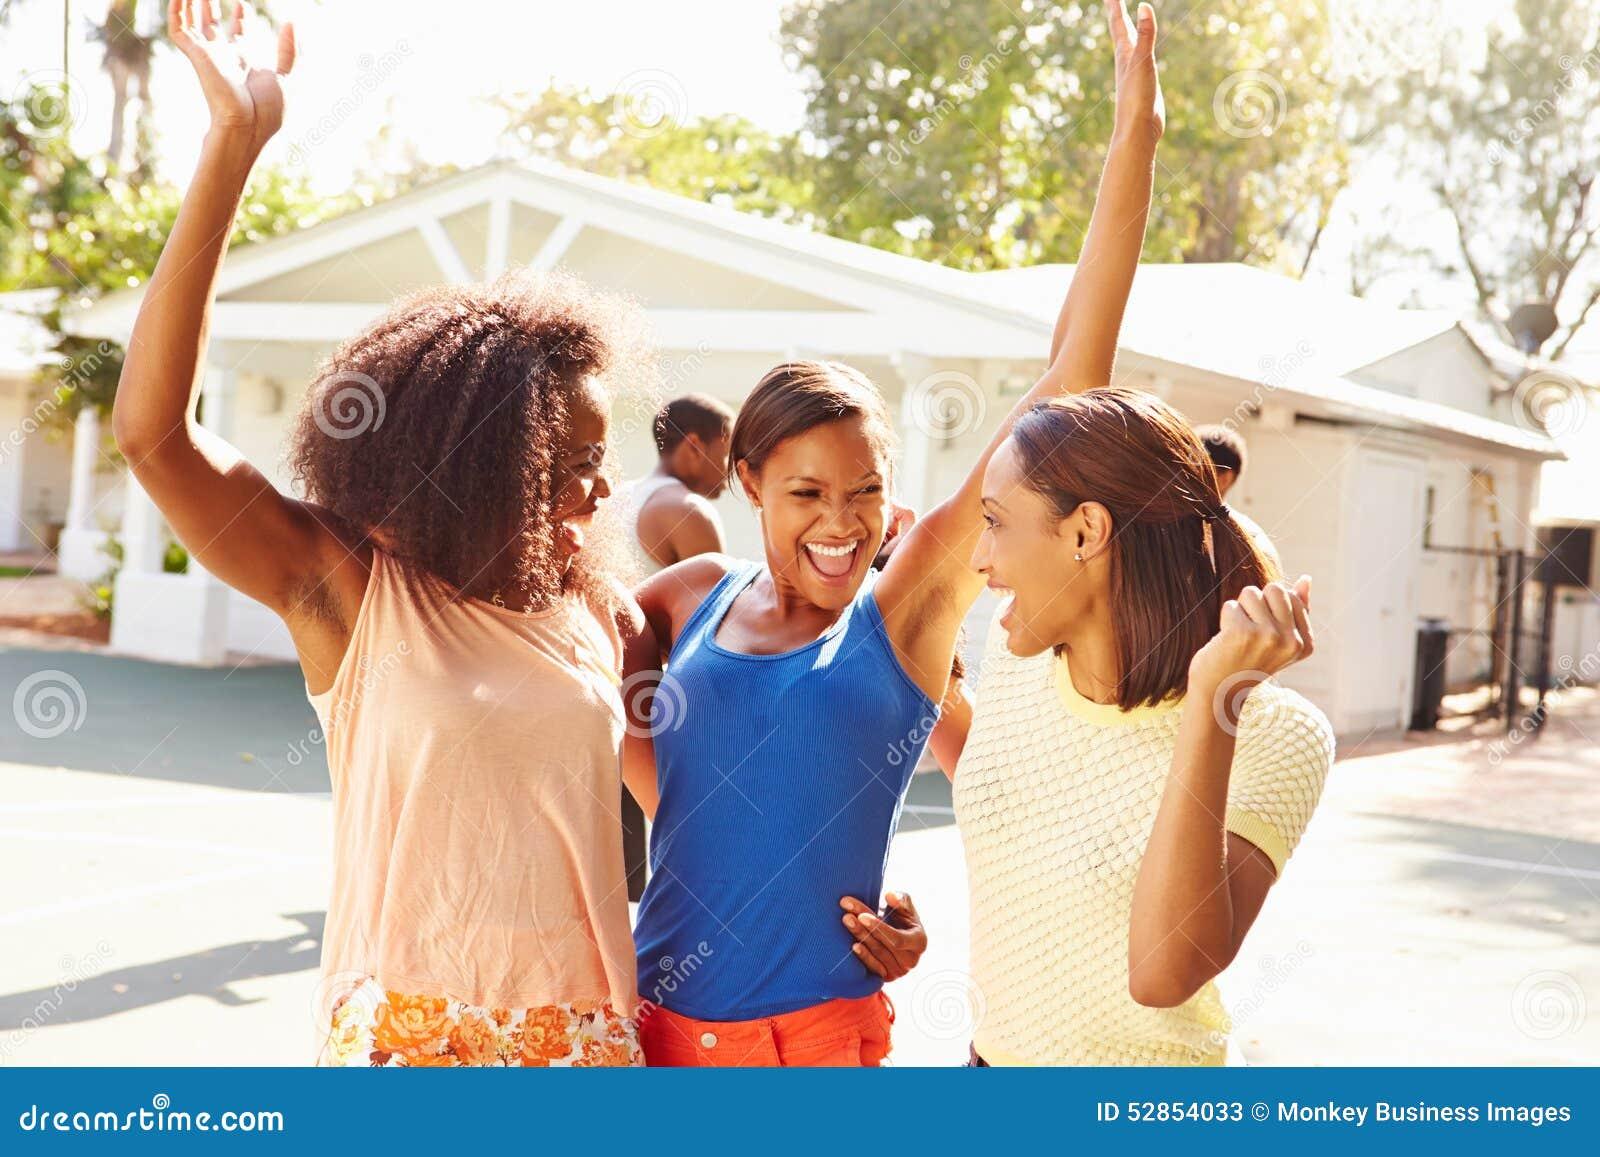 Ομάδα νέων γυναικών ενθαρρυντικών στην αντιστοιχία καλαθοσφαίρισης